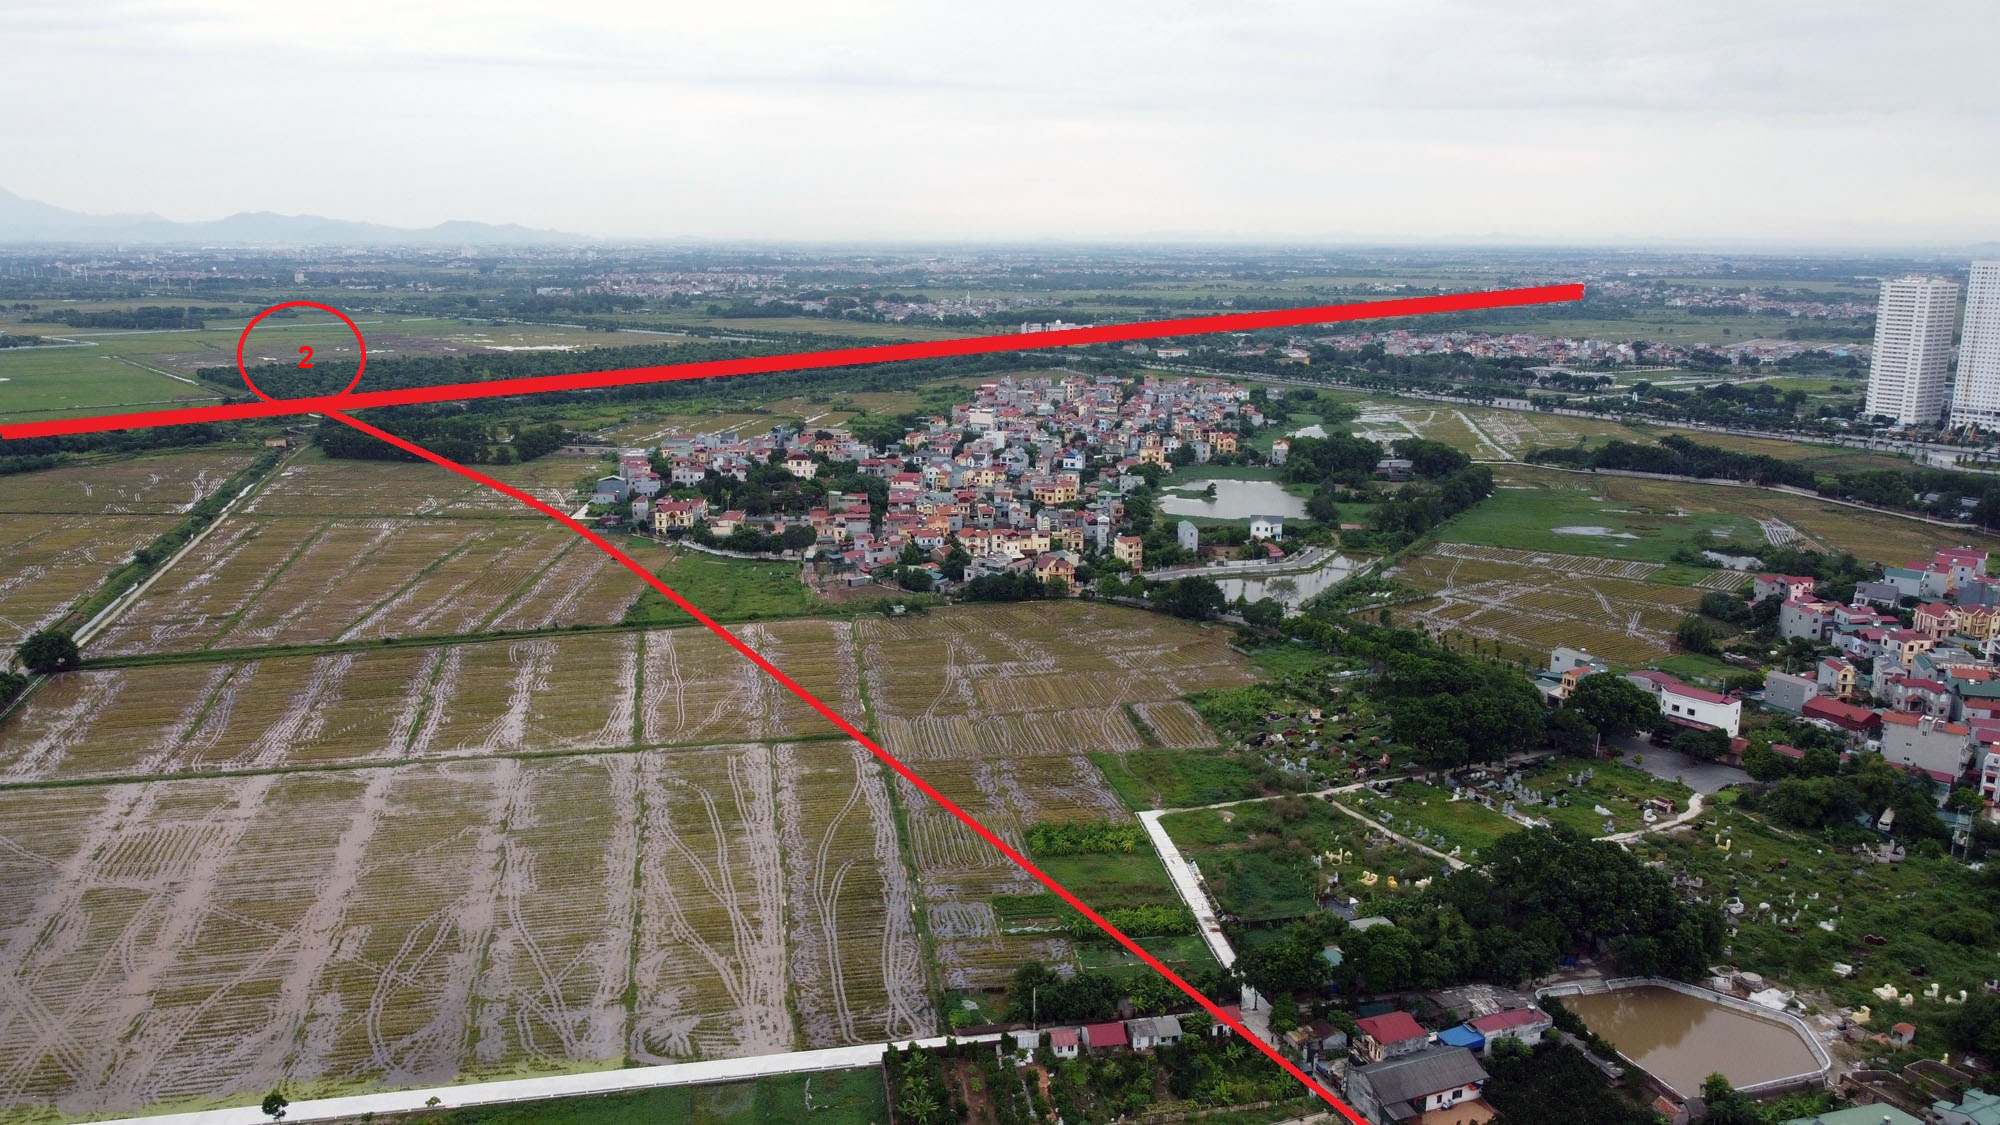 đường sẽ mở theo qui hoạch ở xã Đông Hội, Đông Anh, Hà Nội - Ảnh 10.